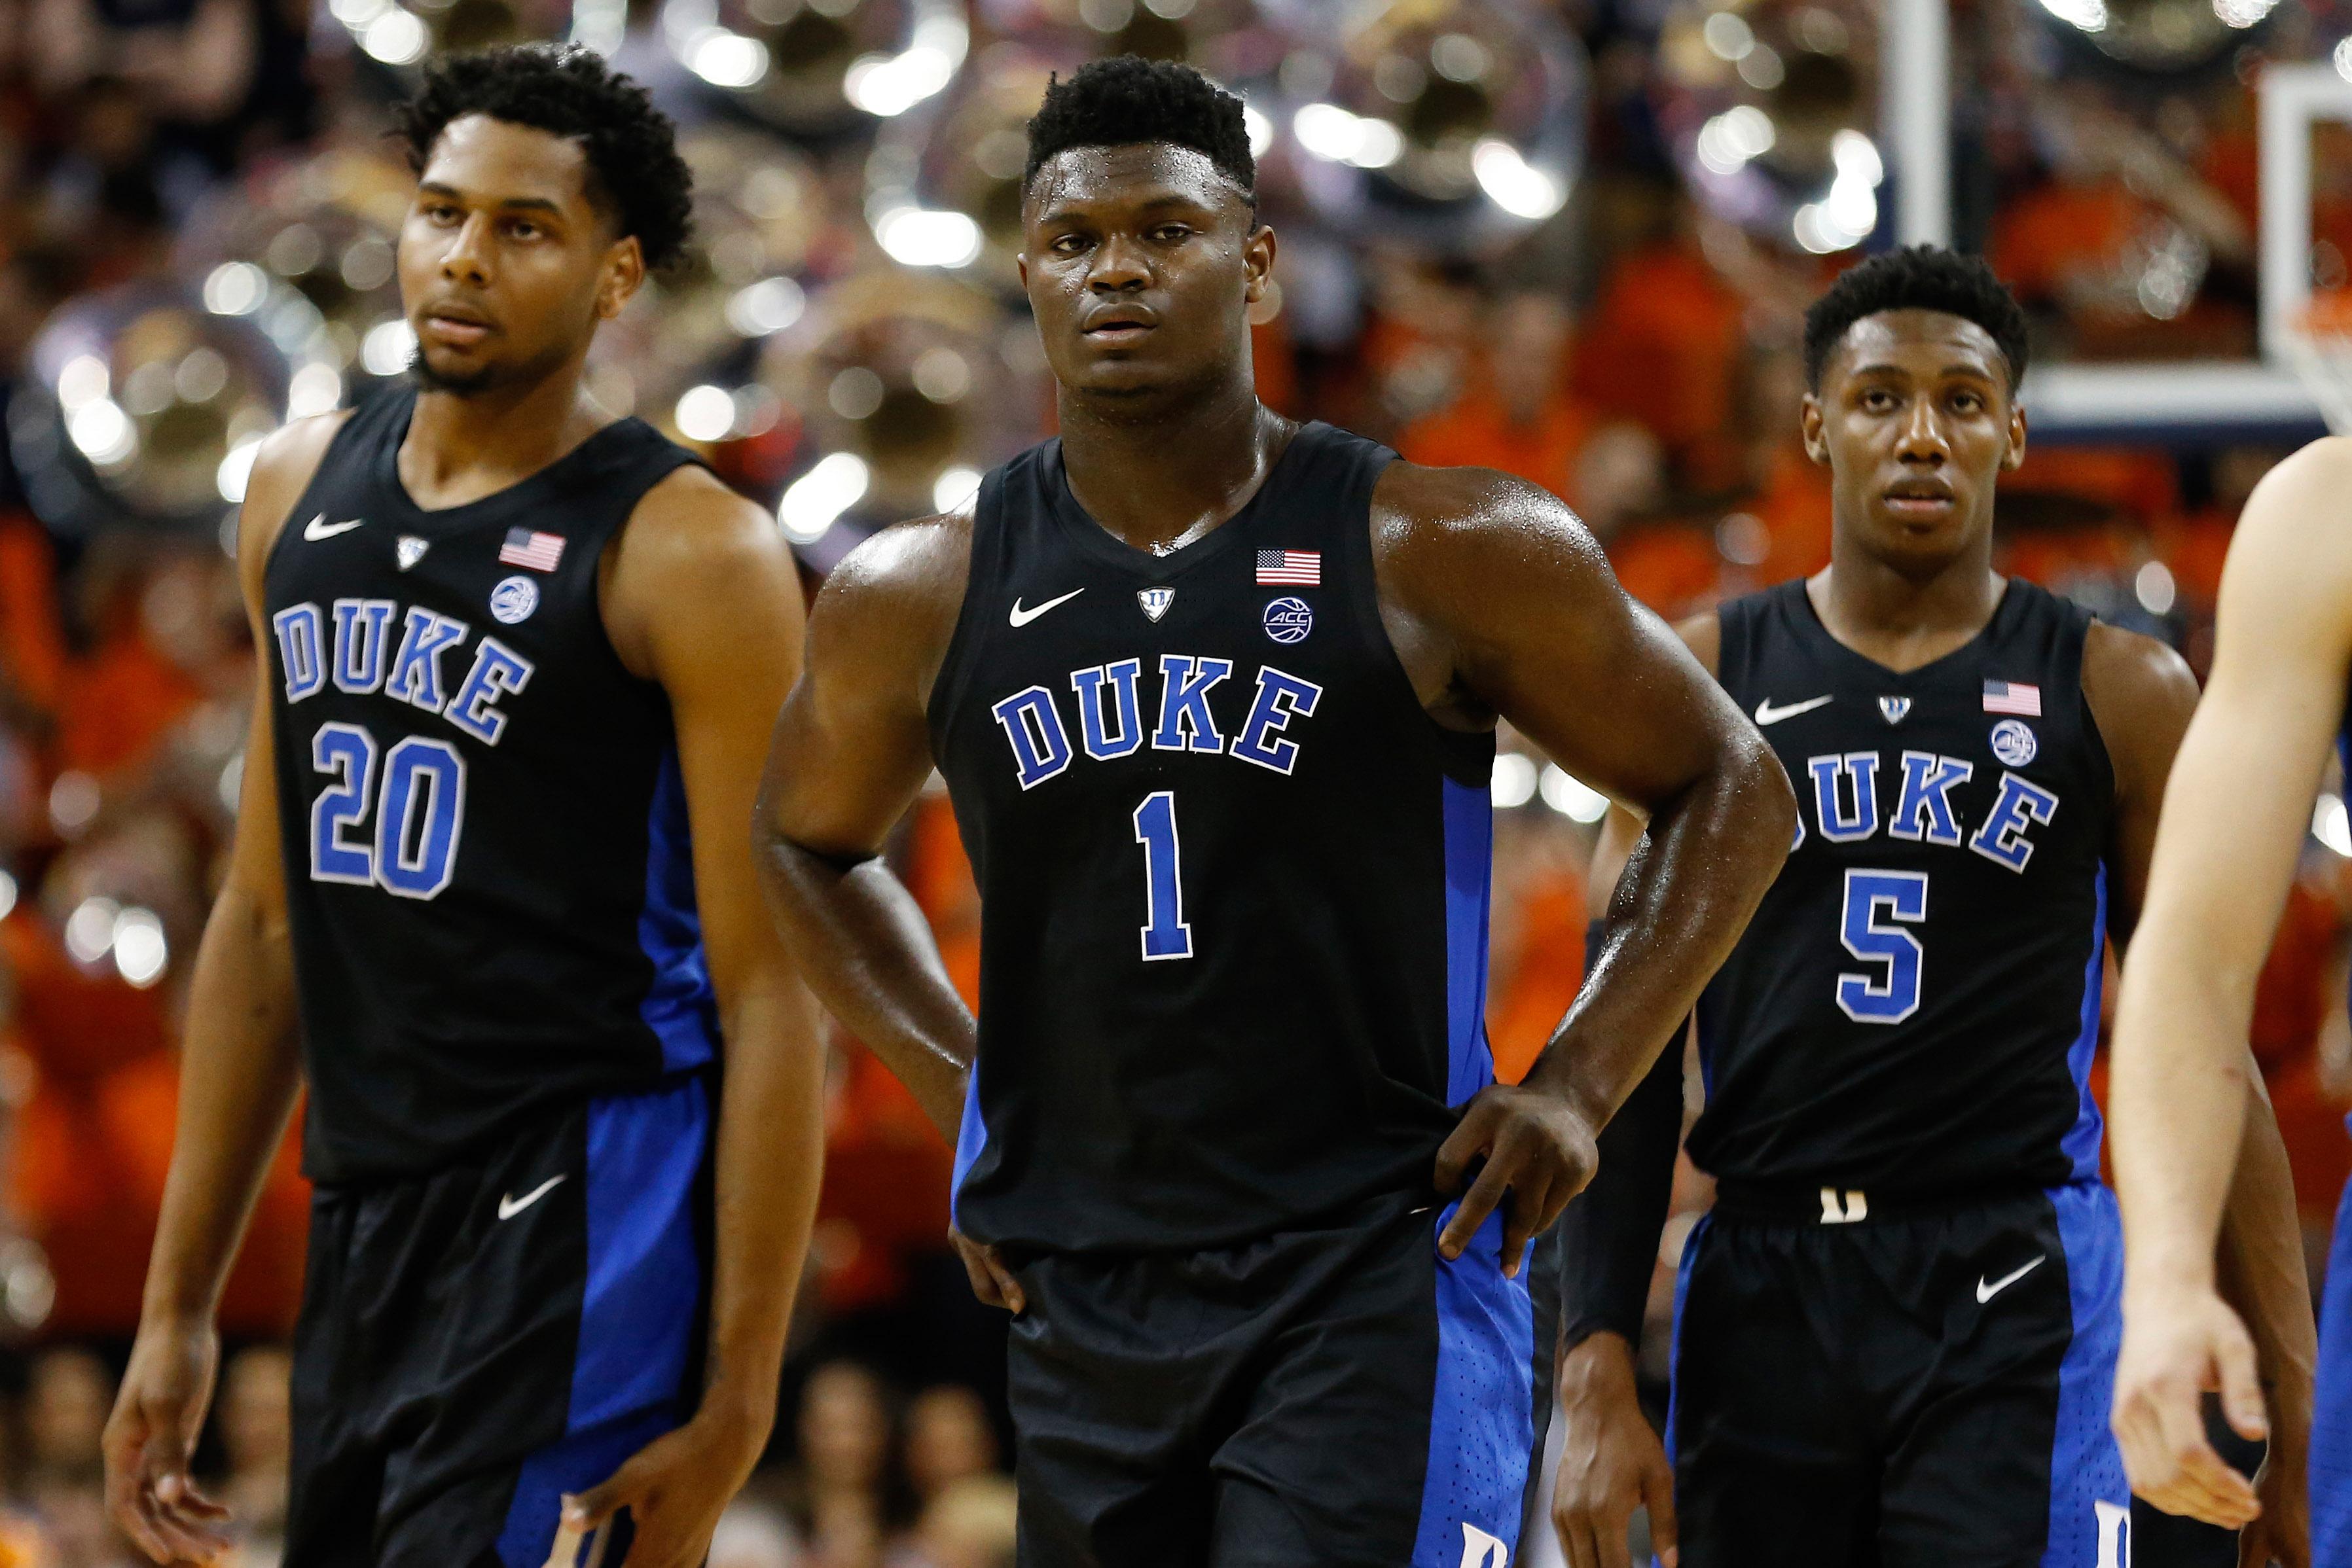 Duke betting favorite hosting UNC on Wednesday odds board